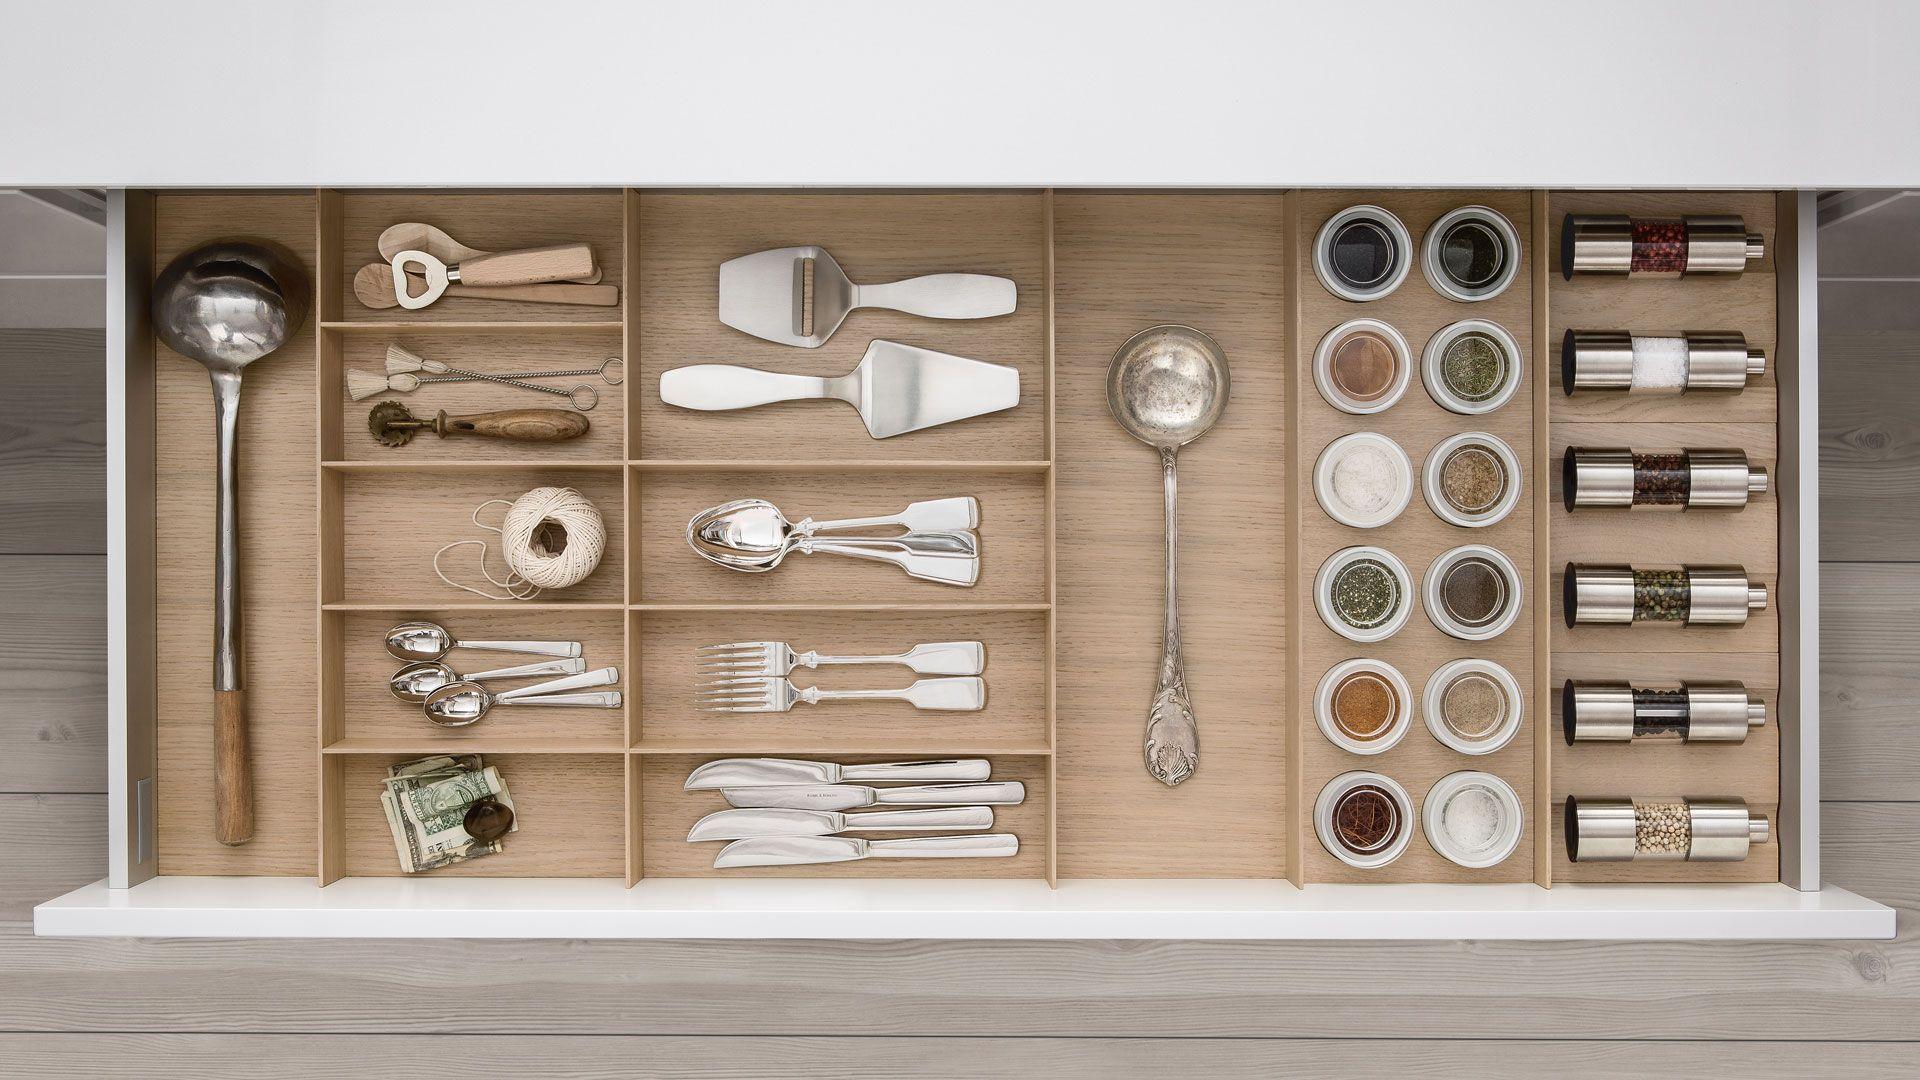 kitchens interior solutions siematic innenausstattung on kitchen interior accessories id=32748